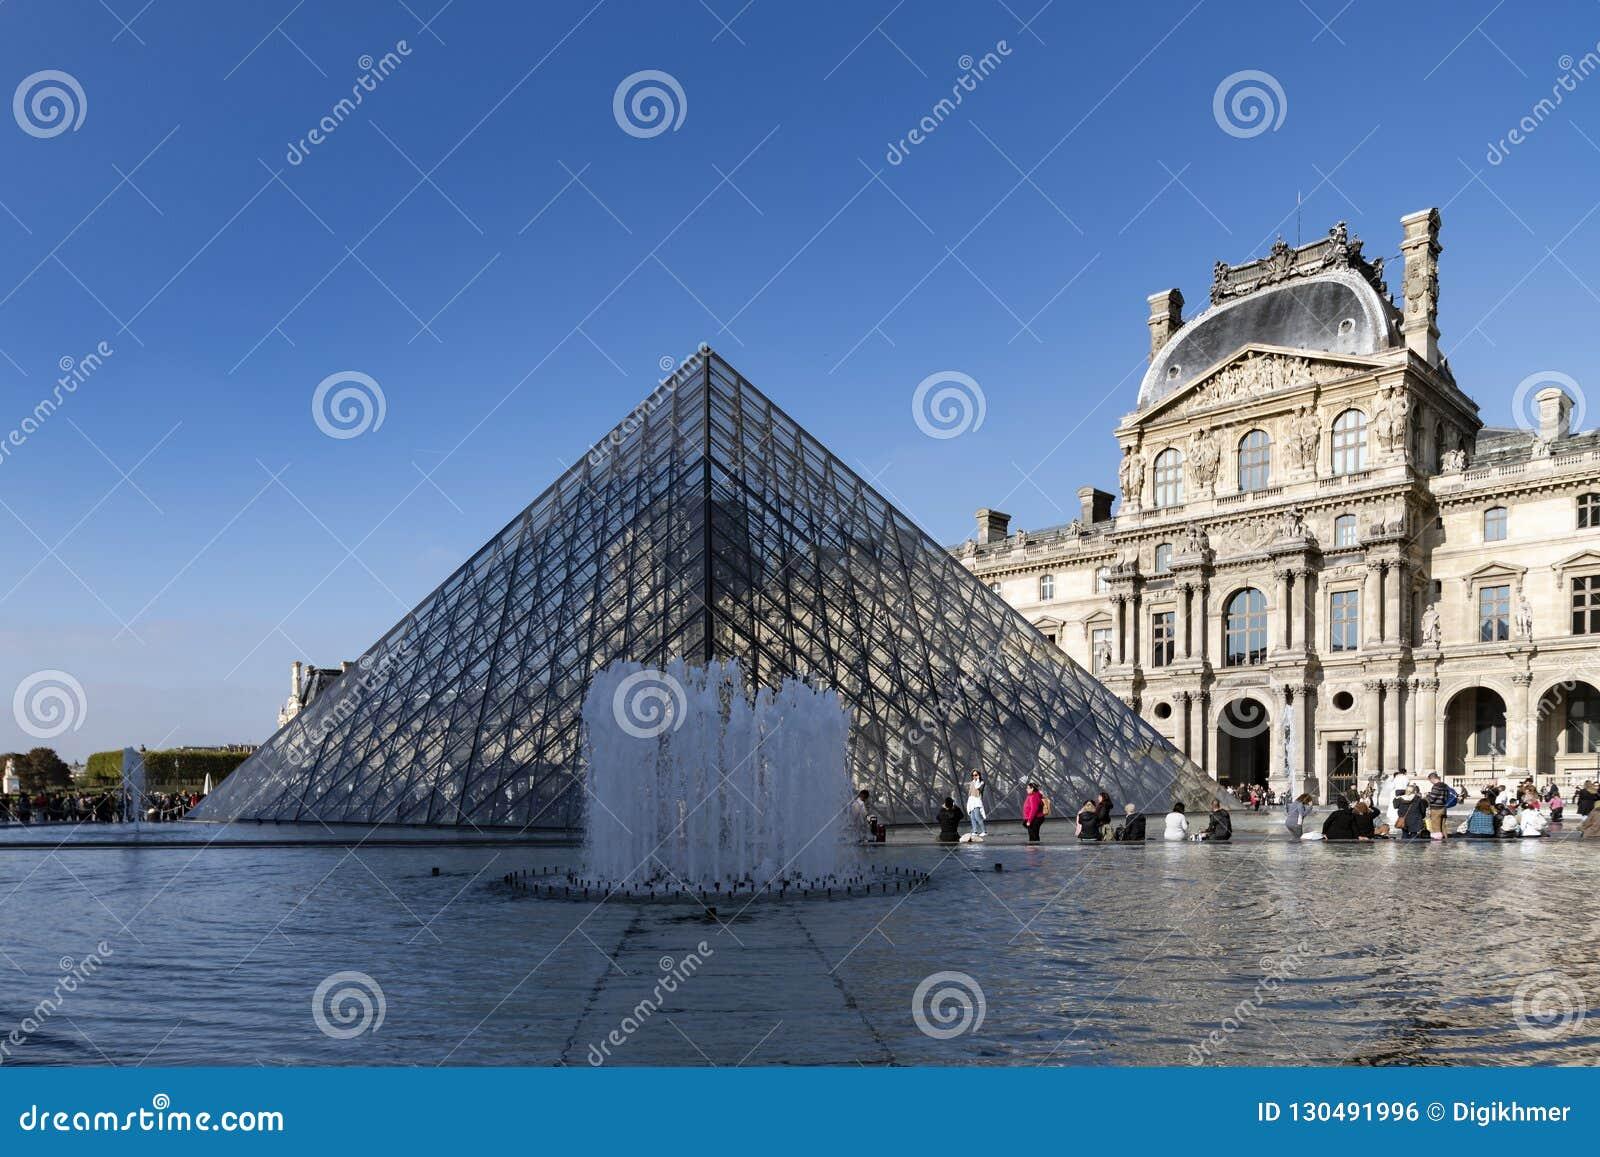 Fuente del museo del Louvre